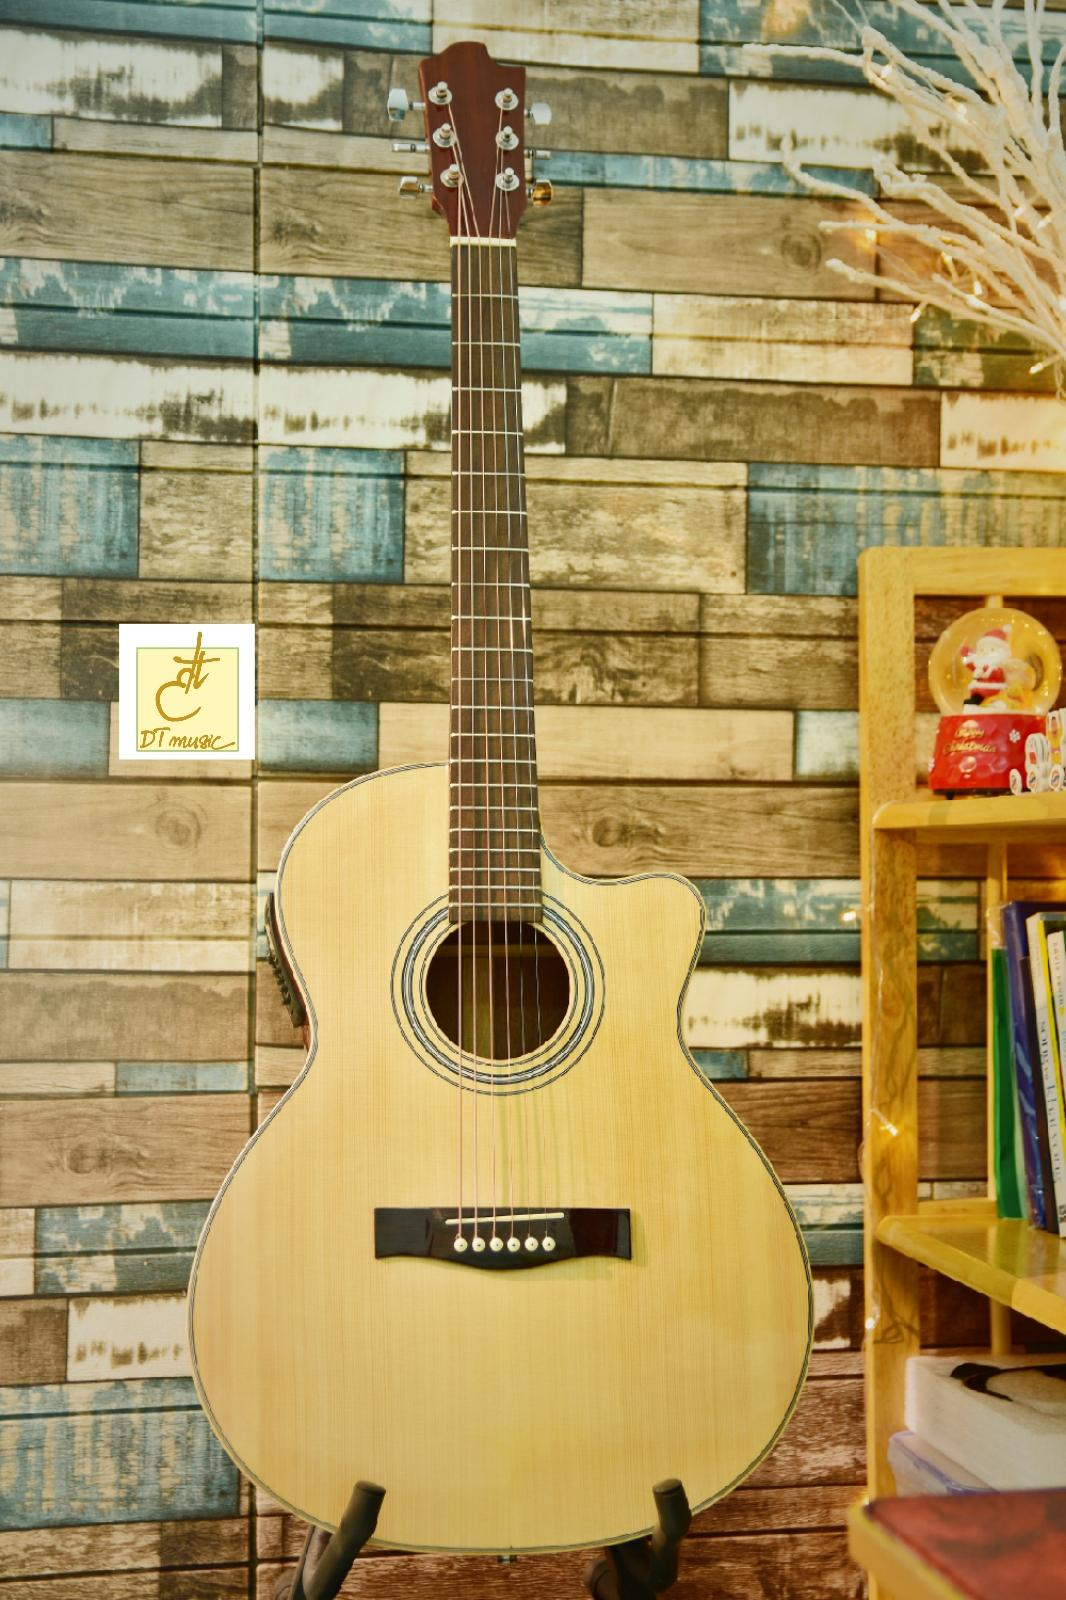 Guitar Acoustic Gỗ Hồng Đào + EQ  DT-A16ce  Tặng kèm bao da và phụ kiện